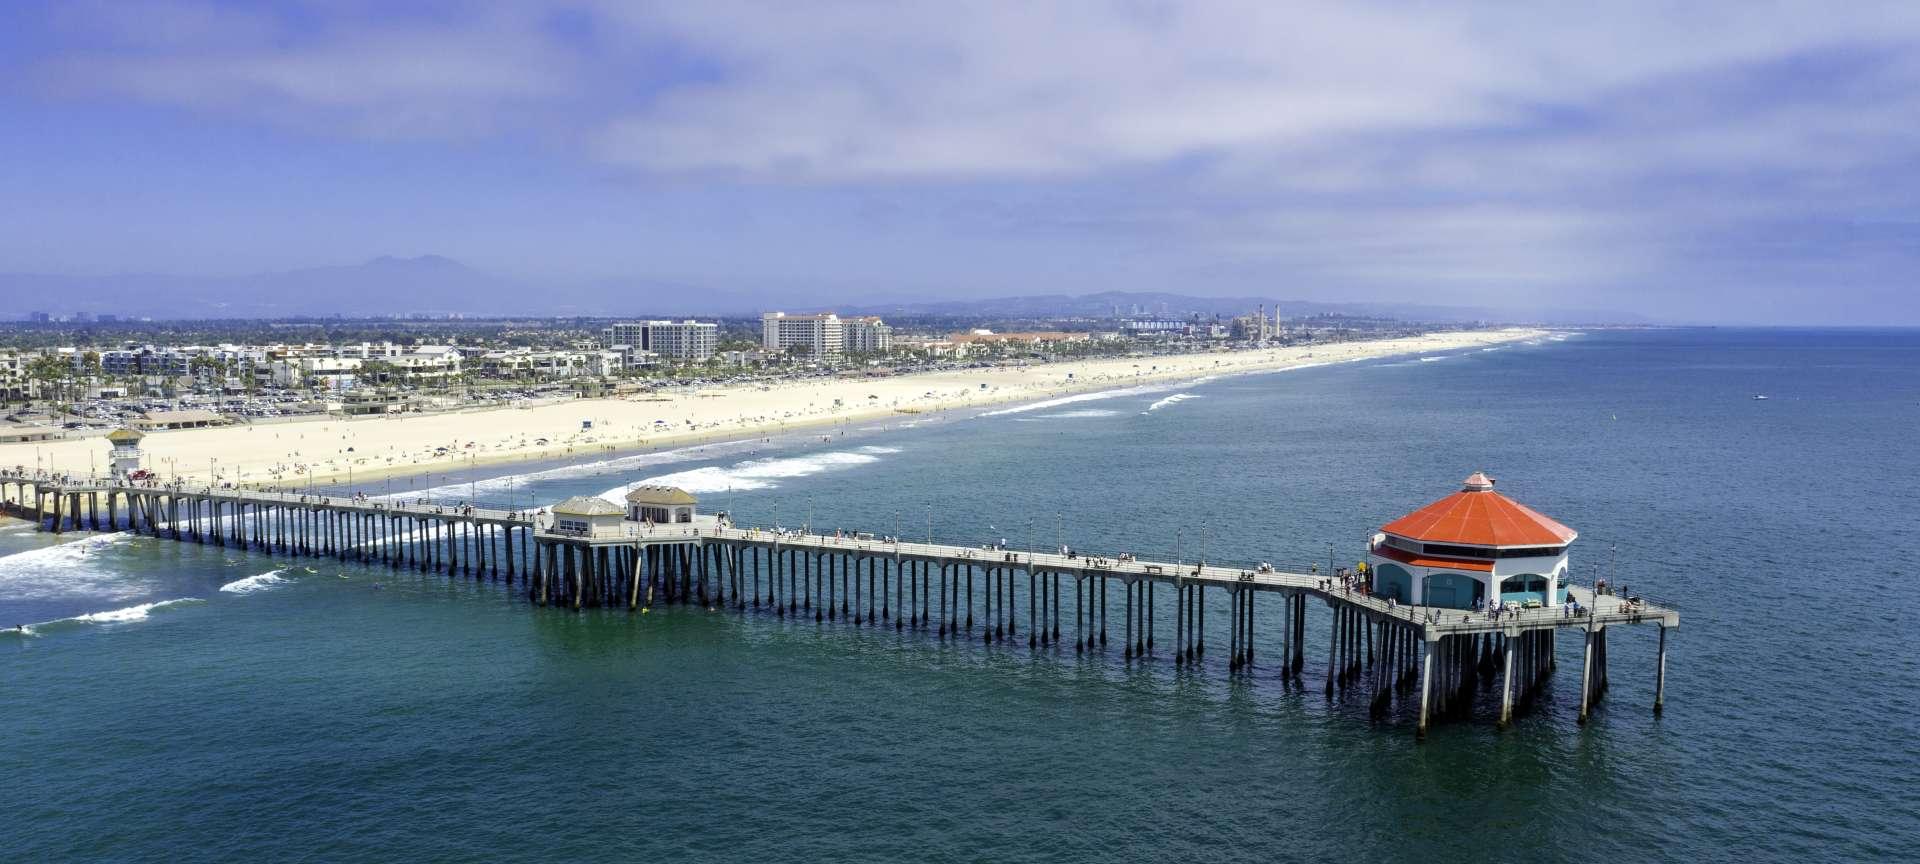 About Huntington Beach